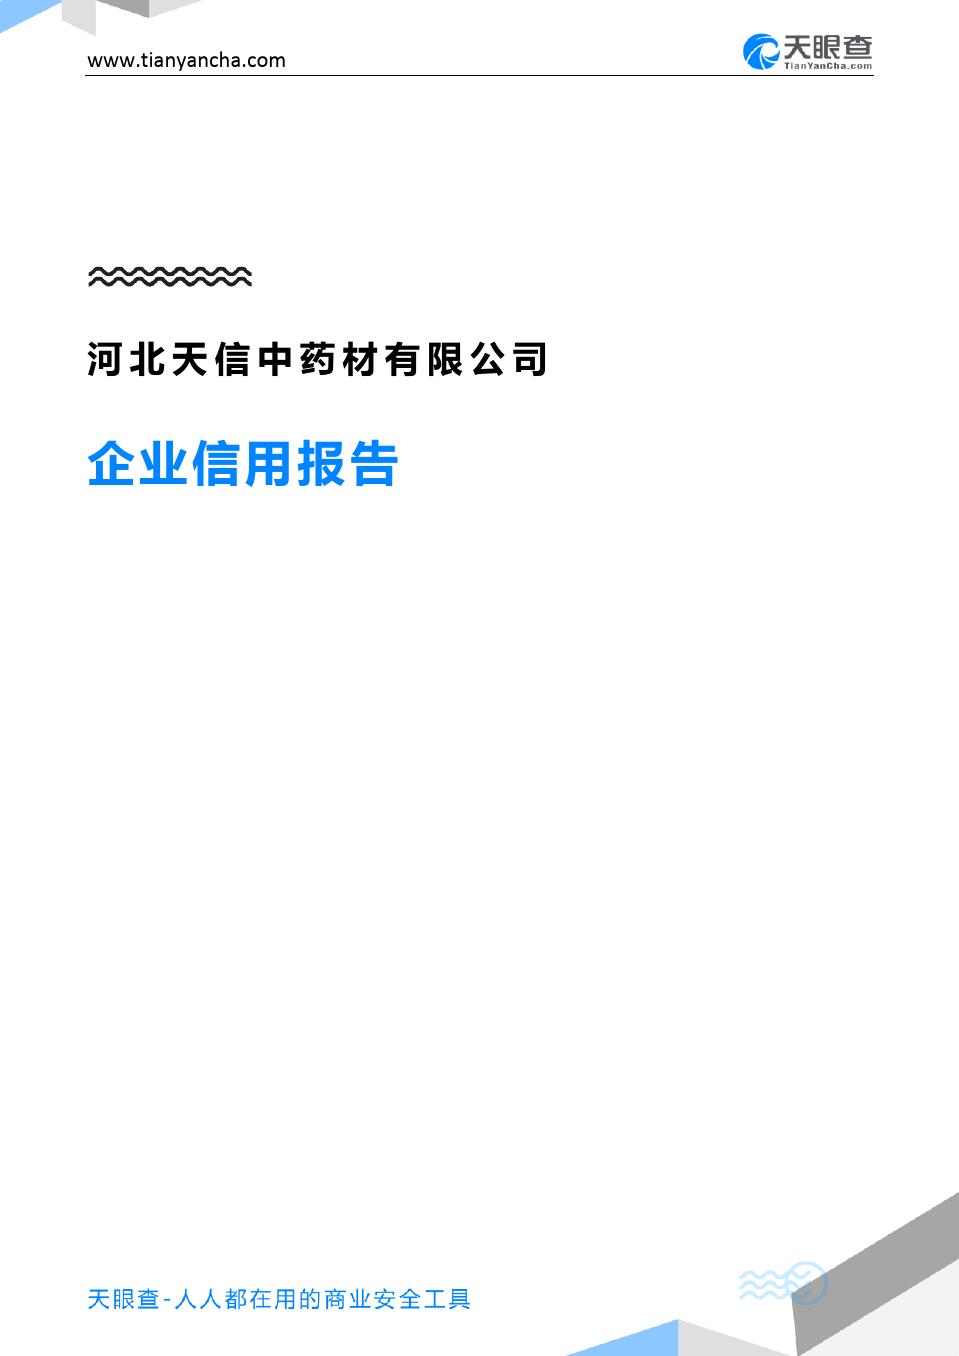 河北天信中药材有限公司(企业信用报告)- 天眼查